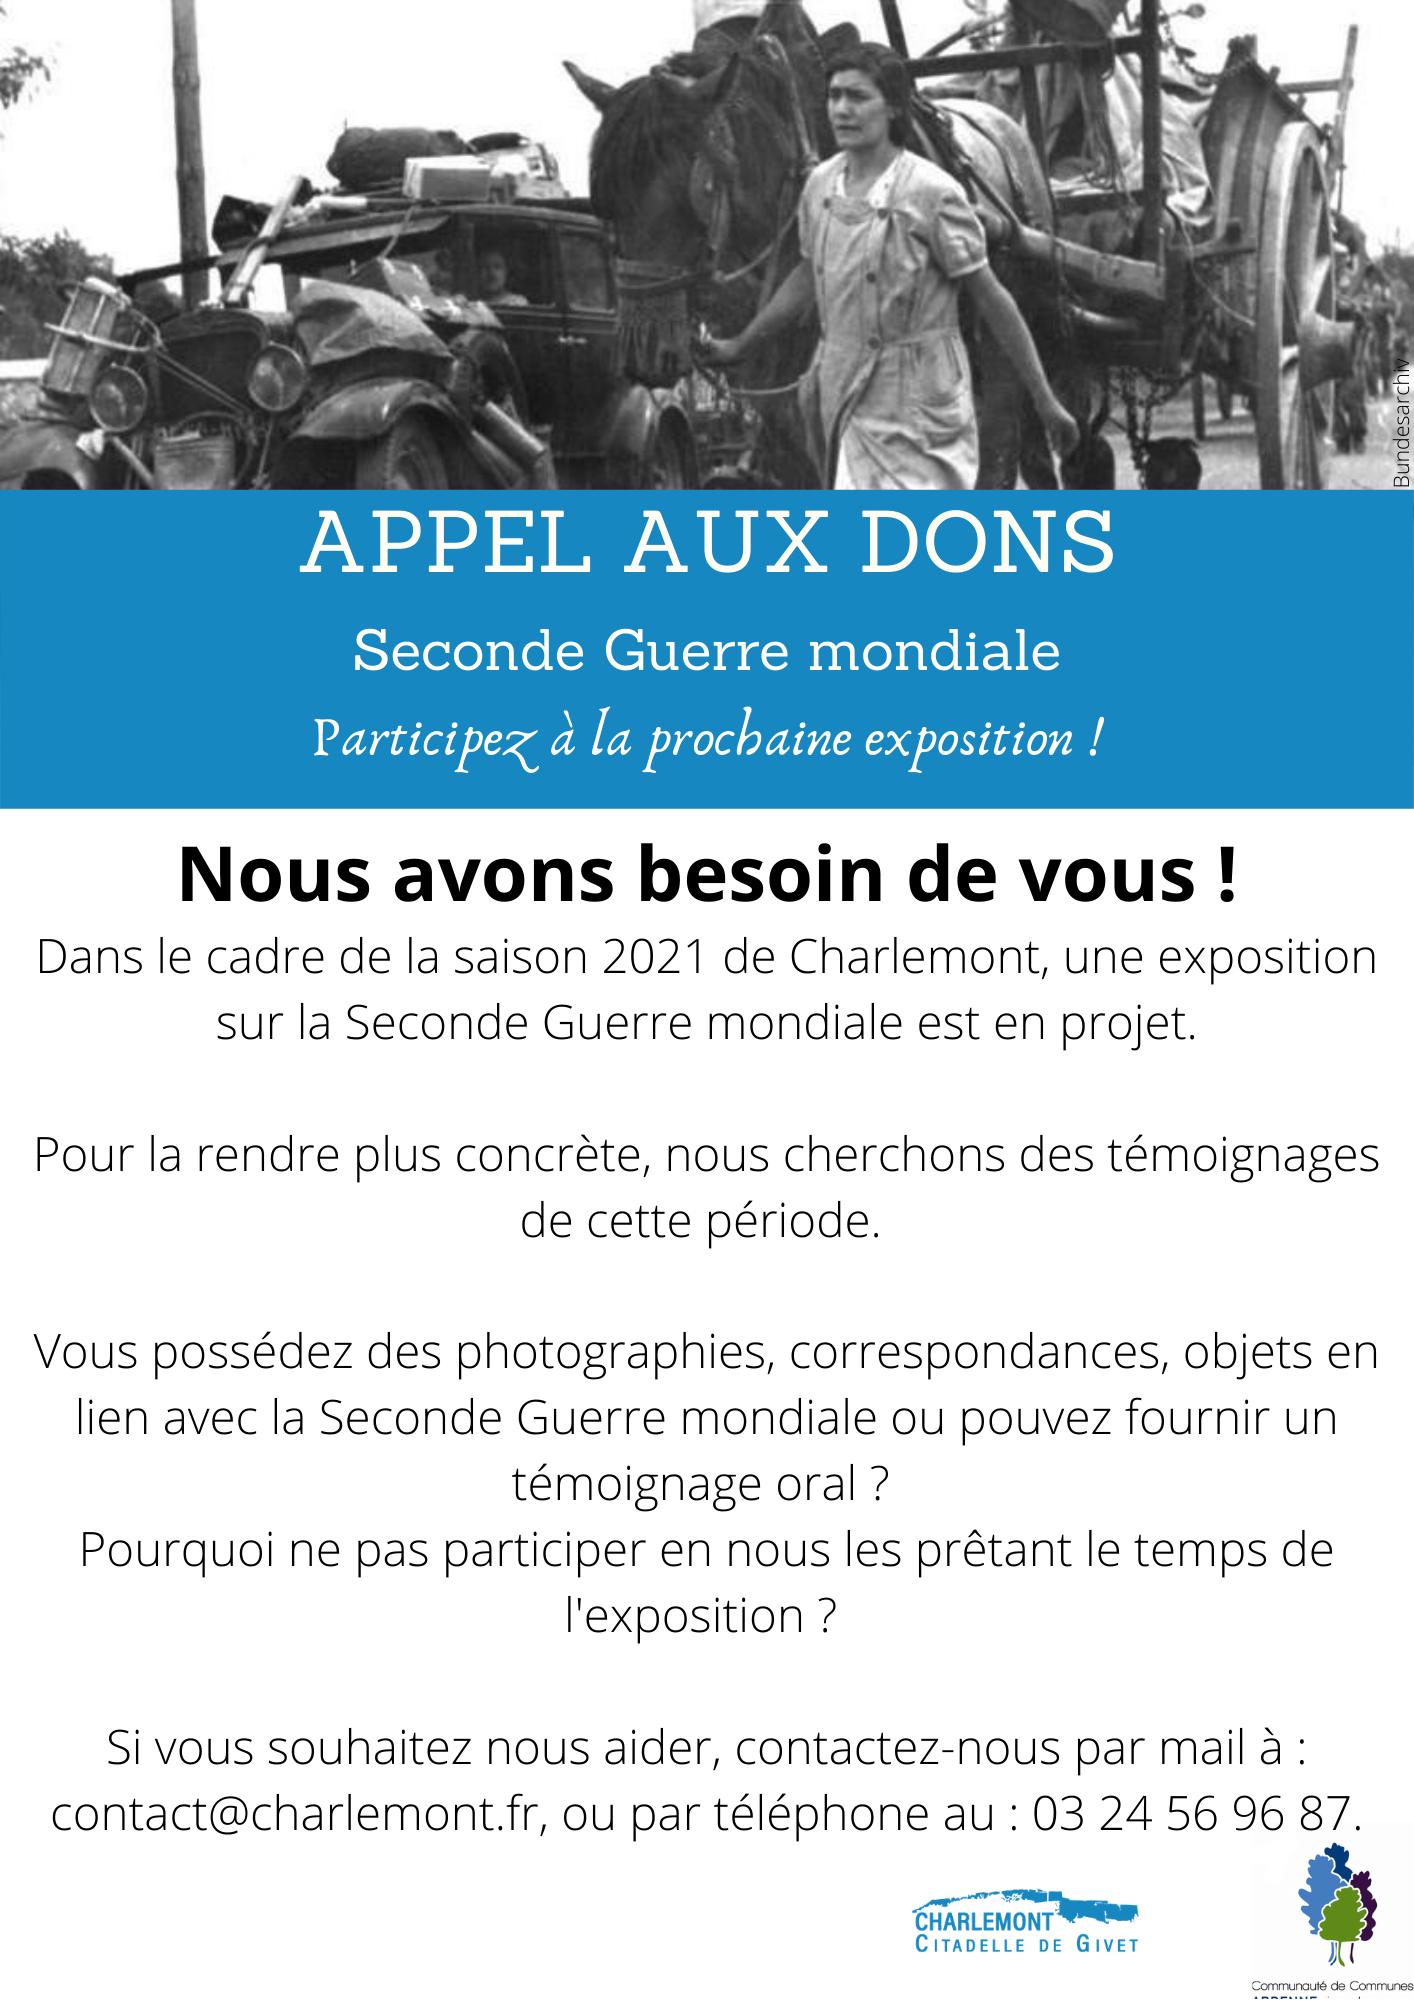 (Français) Appel aux dons